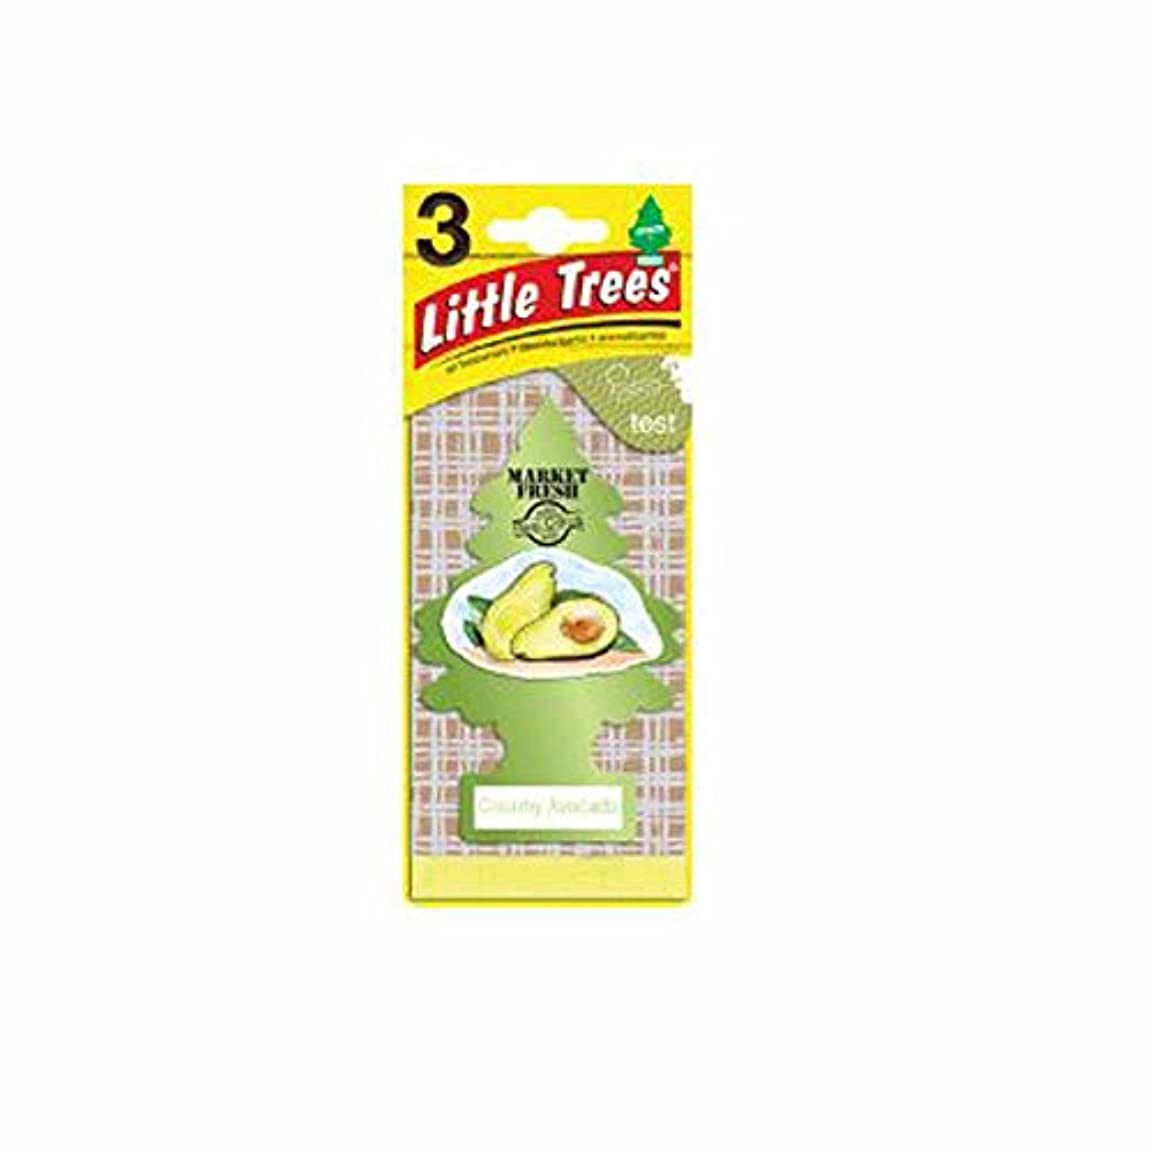 提供する奇跡的な自然公園Little Trees 吊下げタイプ エアーフレッシュナー creamy avocado(クリーミーアボカド) 3枚セット(3P) U3S-37340